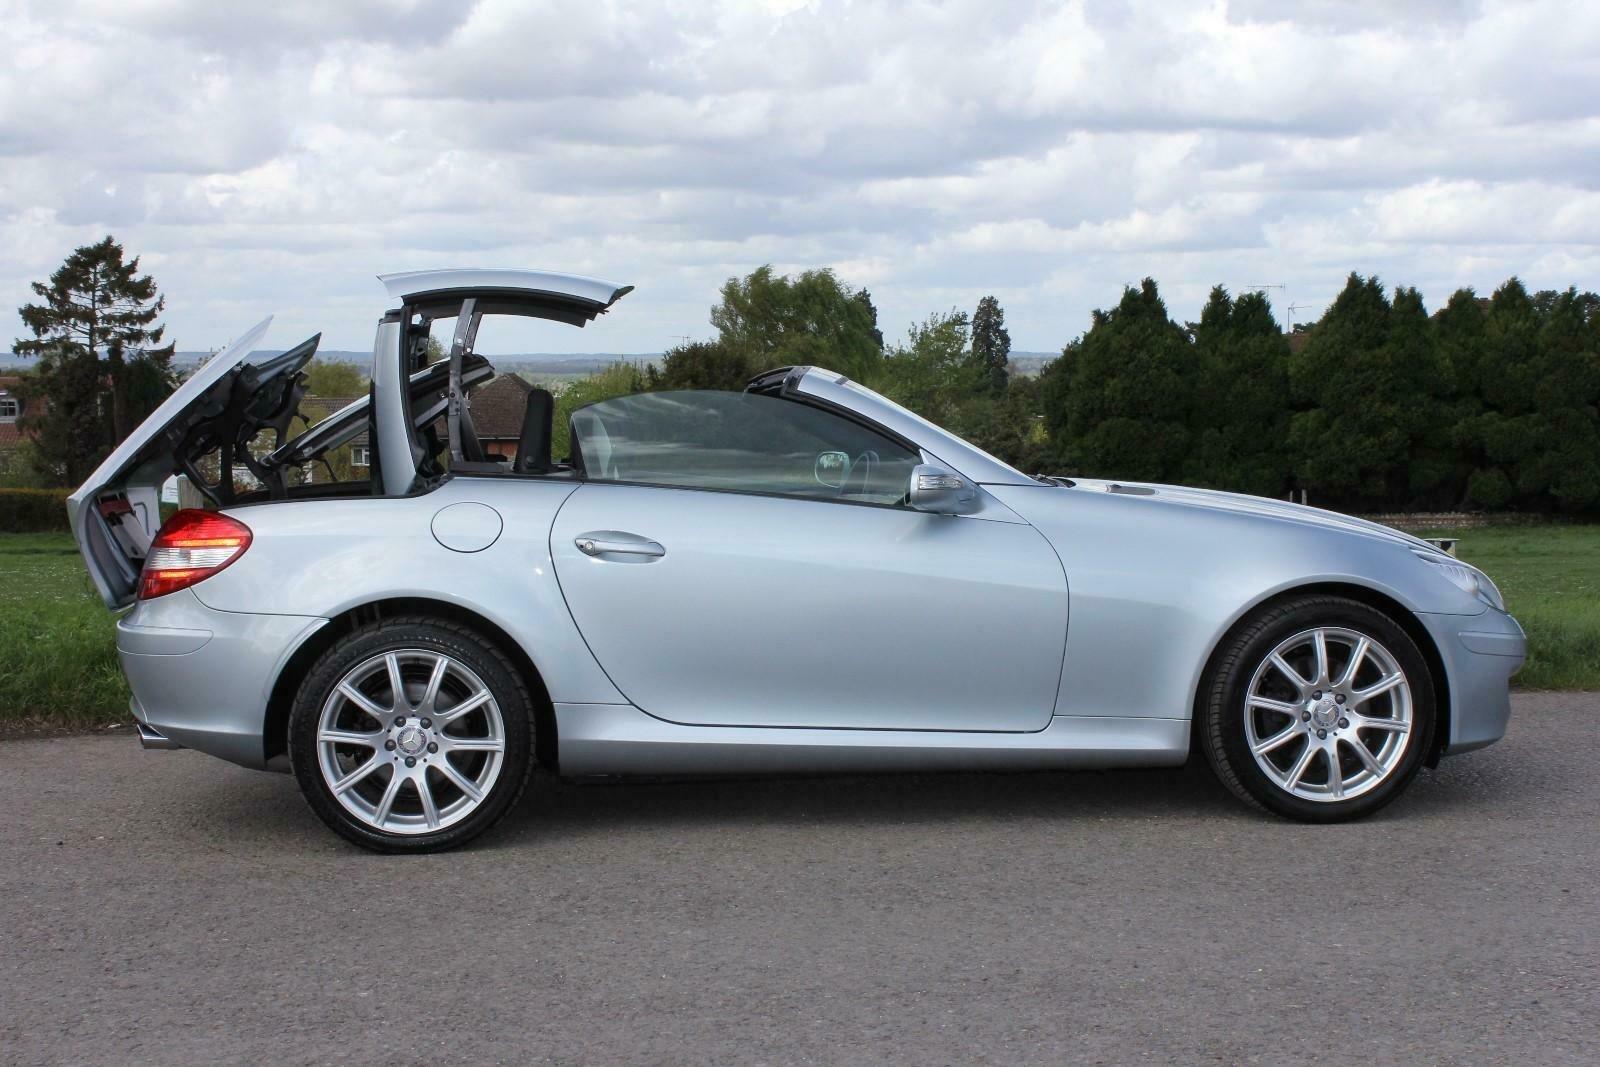 2008 Mercedes-Benz SLK 3.0 SLK280 7G-Tronic 2dr Convertible For Sale (picture 4 of 12)